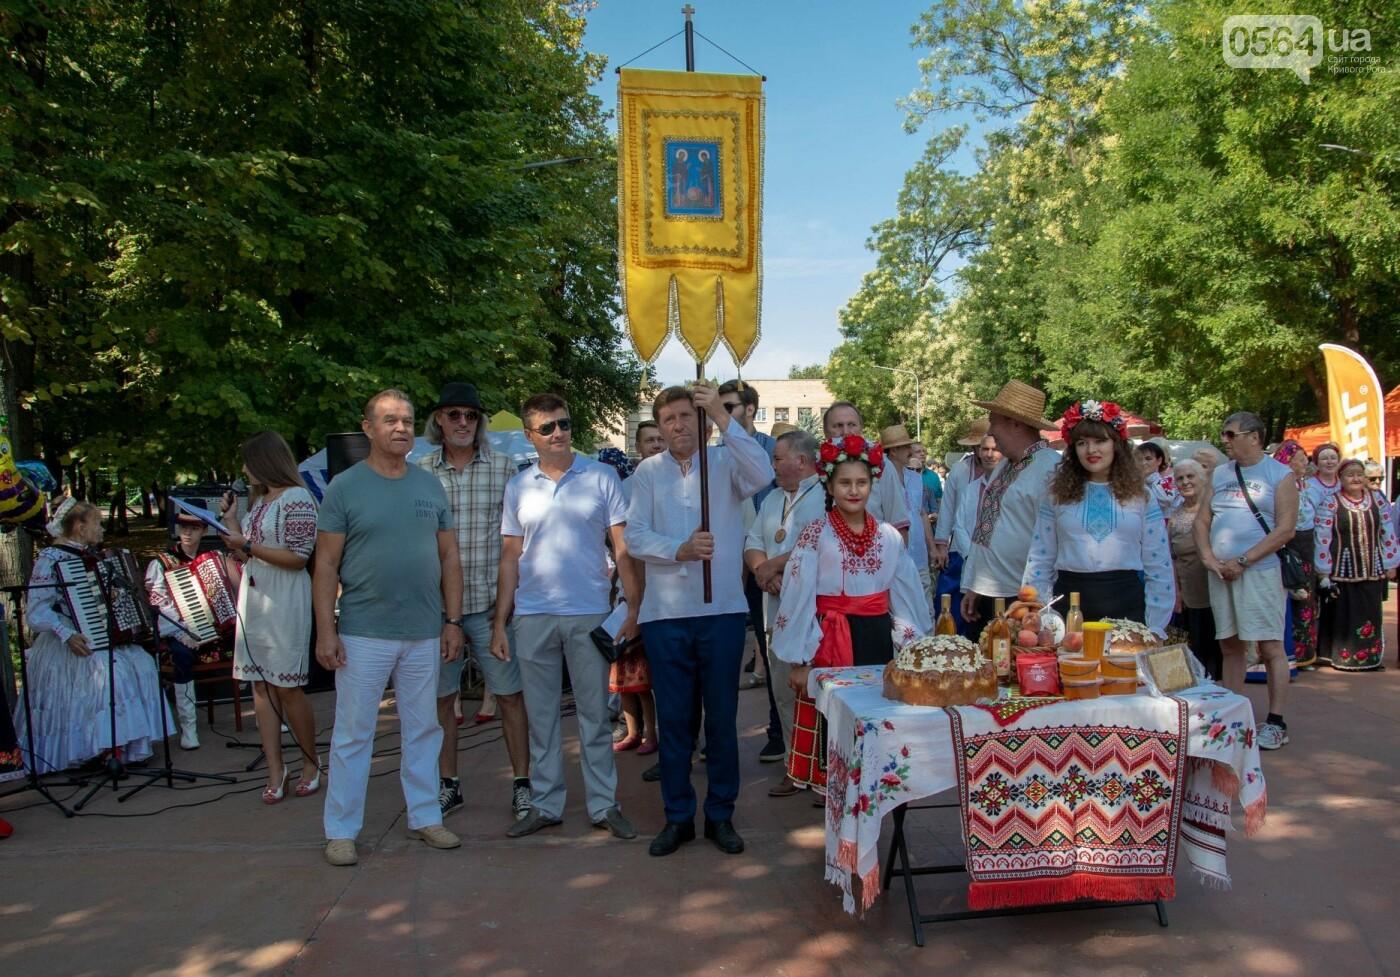 Не менее 15 сортов меда привезут в Кривой Рог на медовый фестиваль, - ФОТО, фото-1